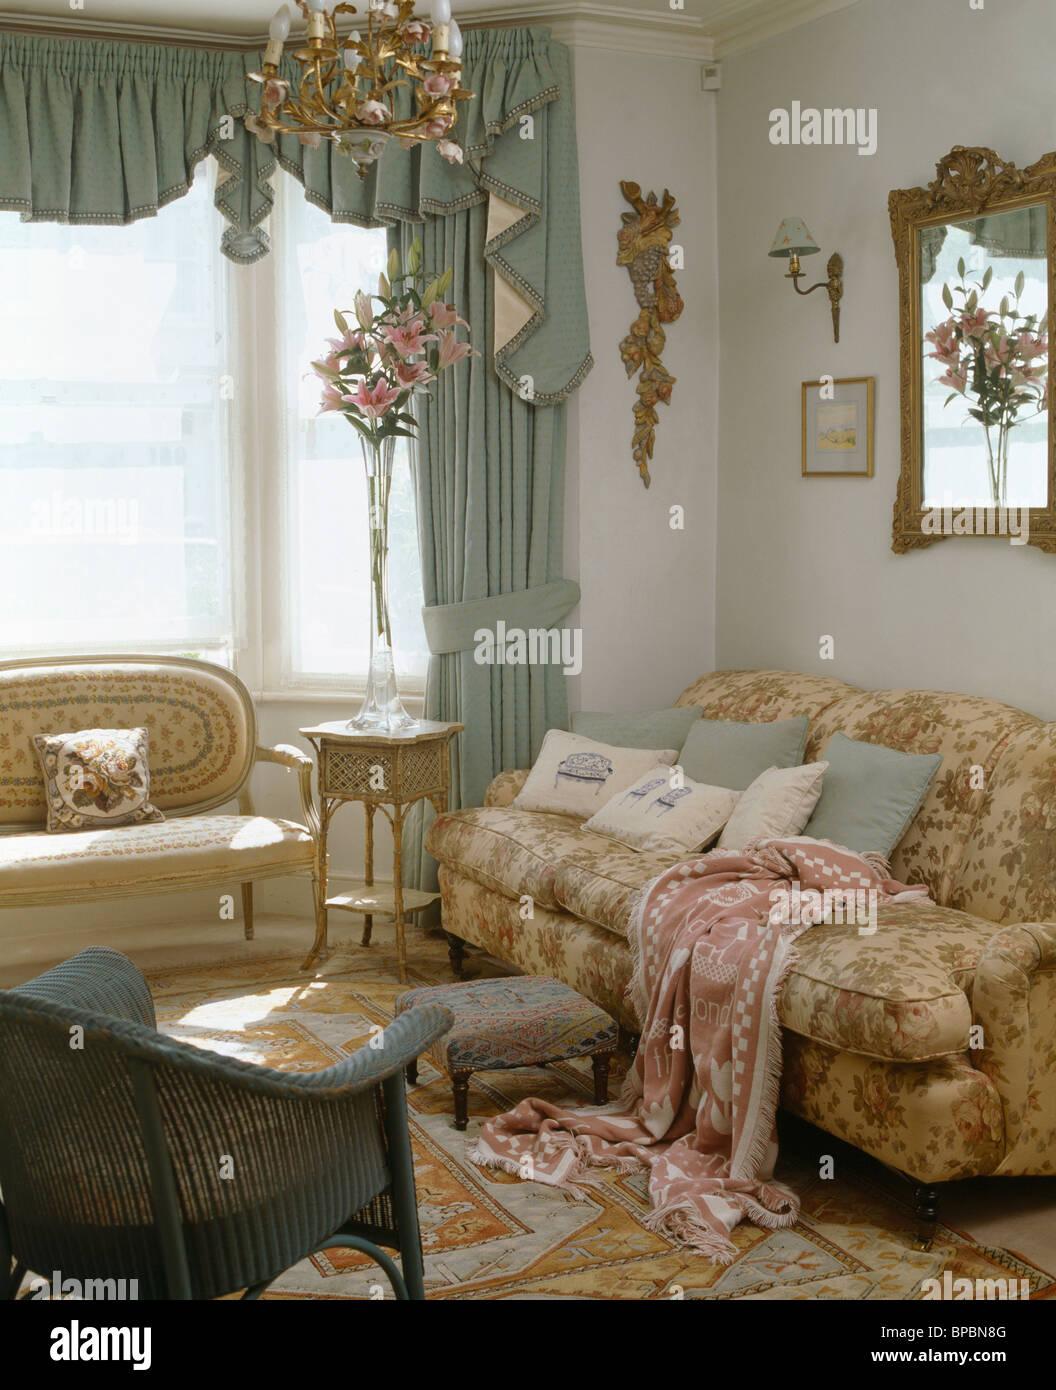 Pastell Grün Swagged Vorhänge Am Fenster Im Wohnzimmer Mit Gemusterten Wurf  Auf Bequemen Sofa